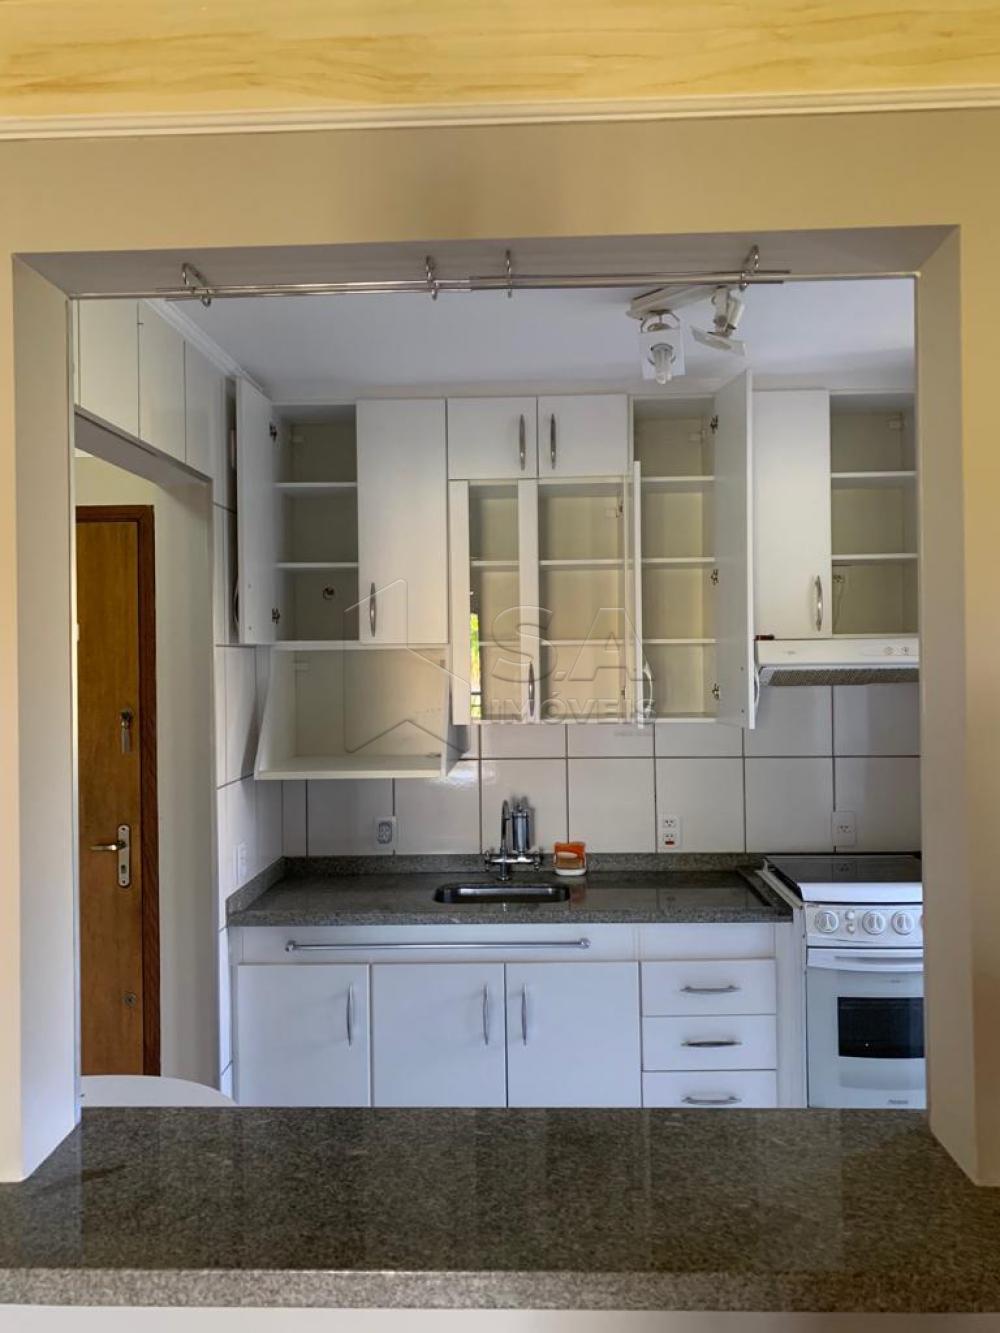 Comprar Apartamento / Padrão em São Carlos apenas R$ 300.000,00 - Foto 4